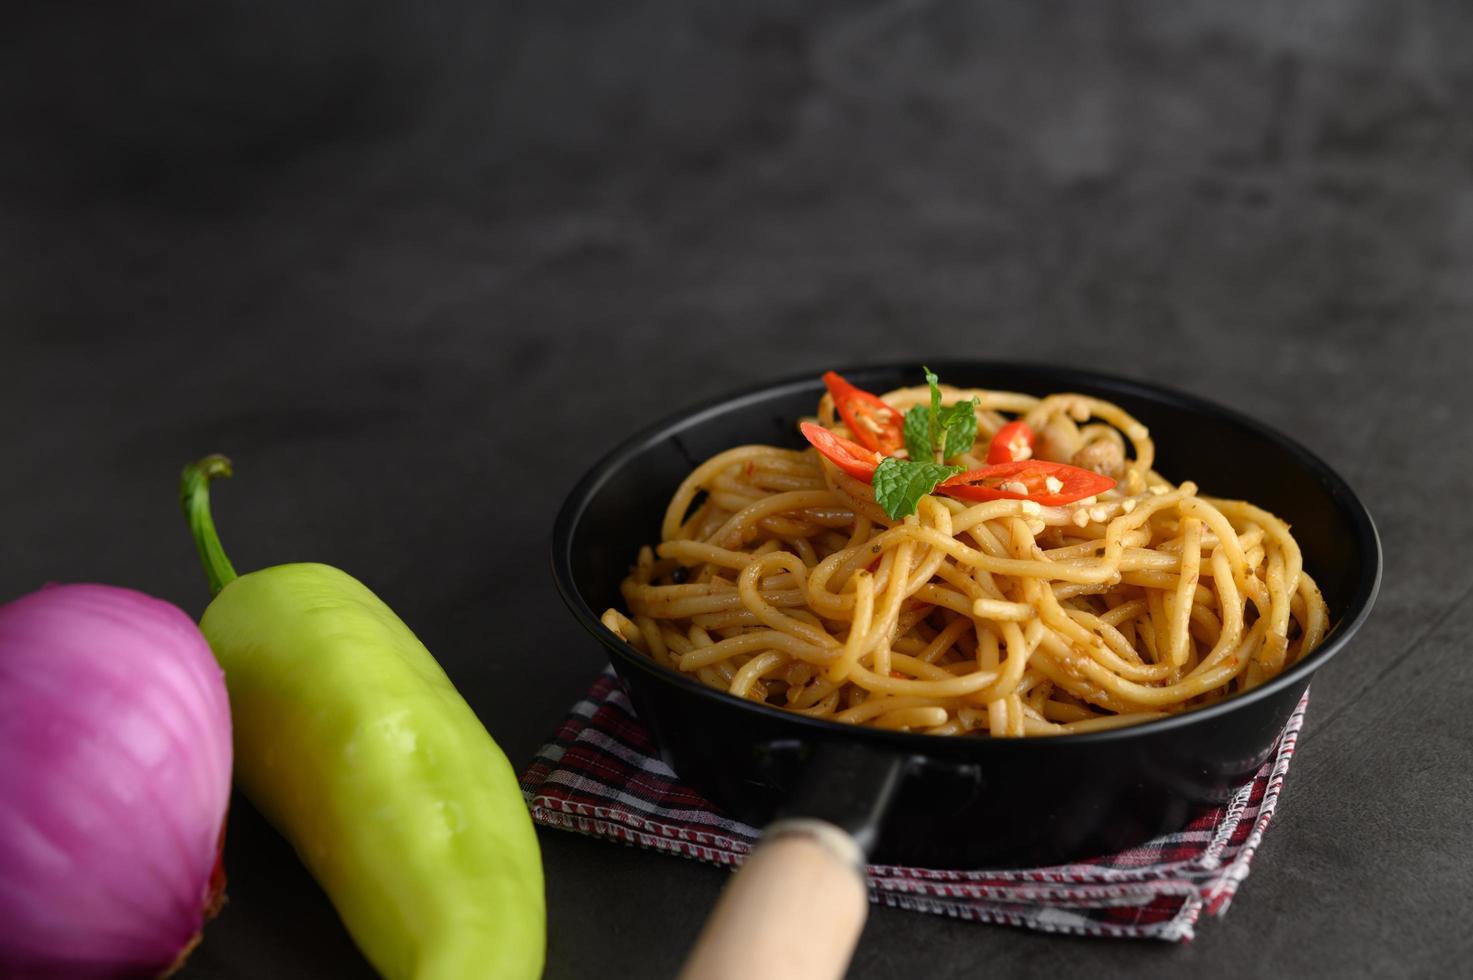 pâtes italiennes avec sauce photo